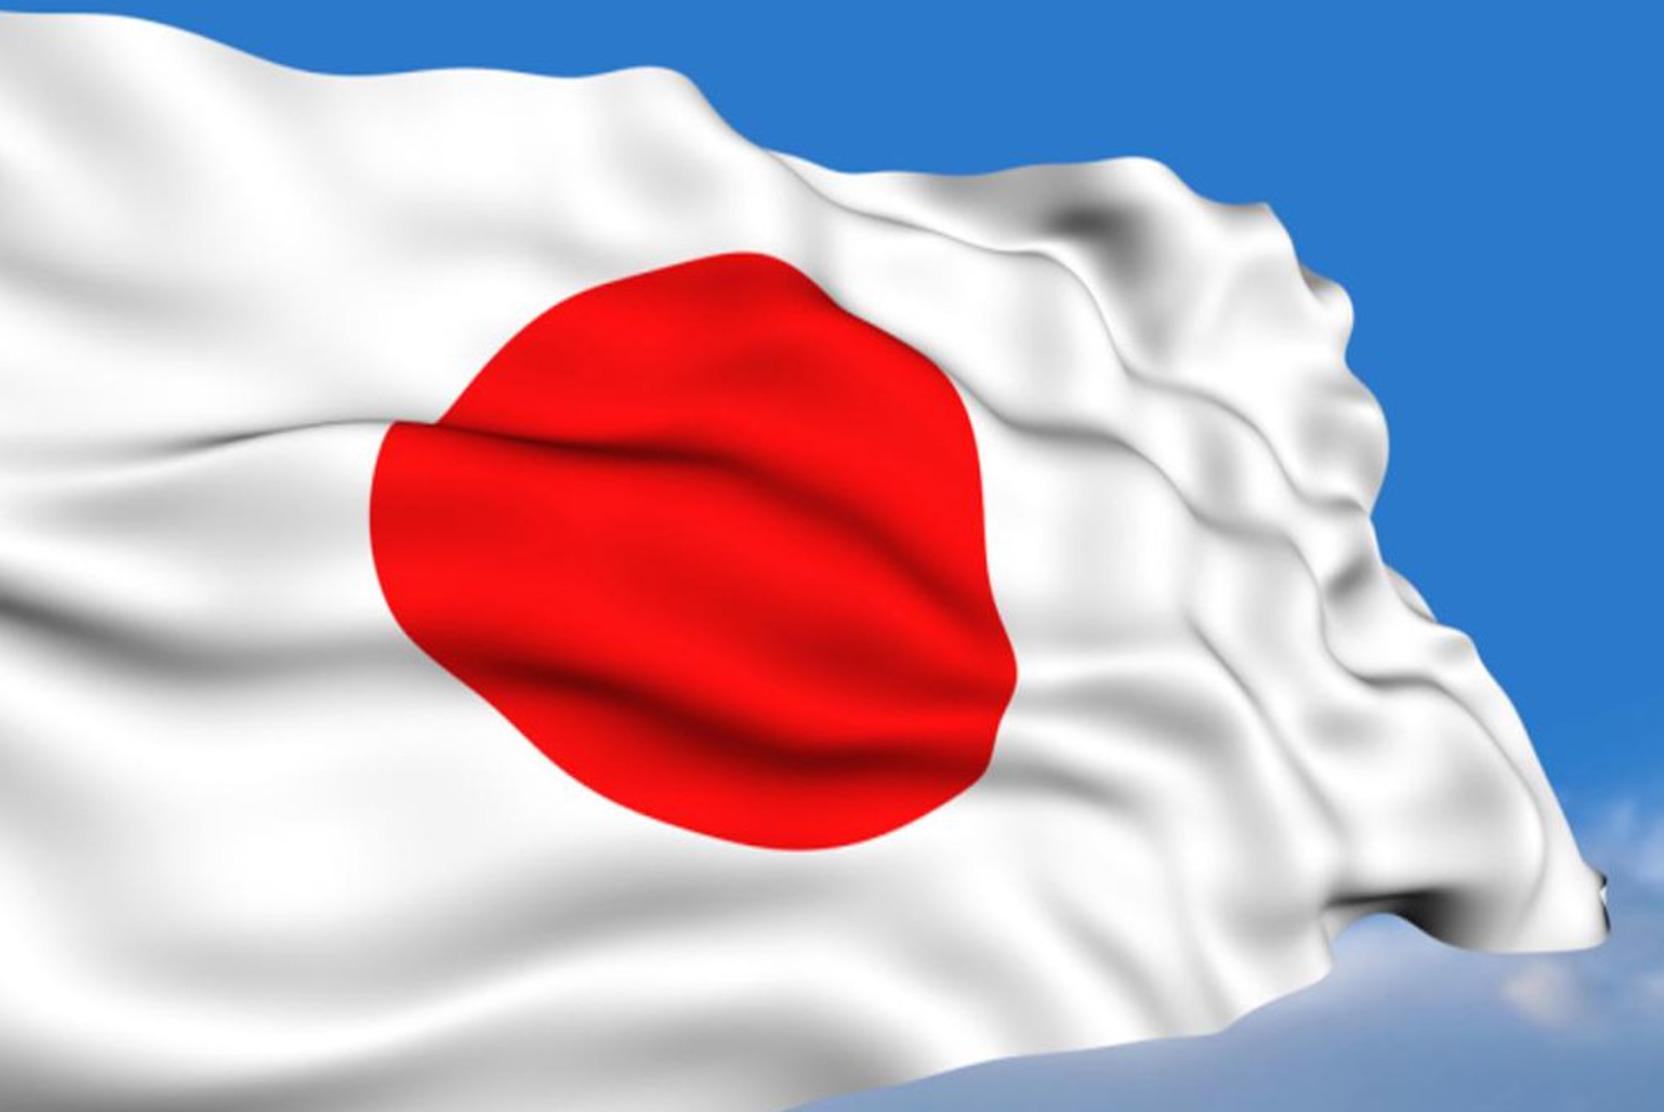 В Минобороны Японии отреагировали на запуск ракет с территории КНДР